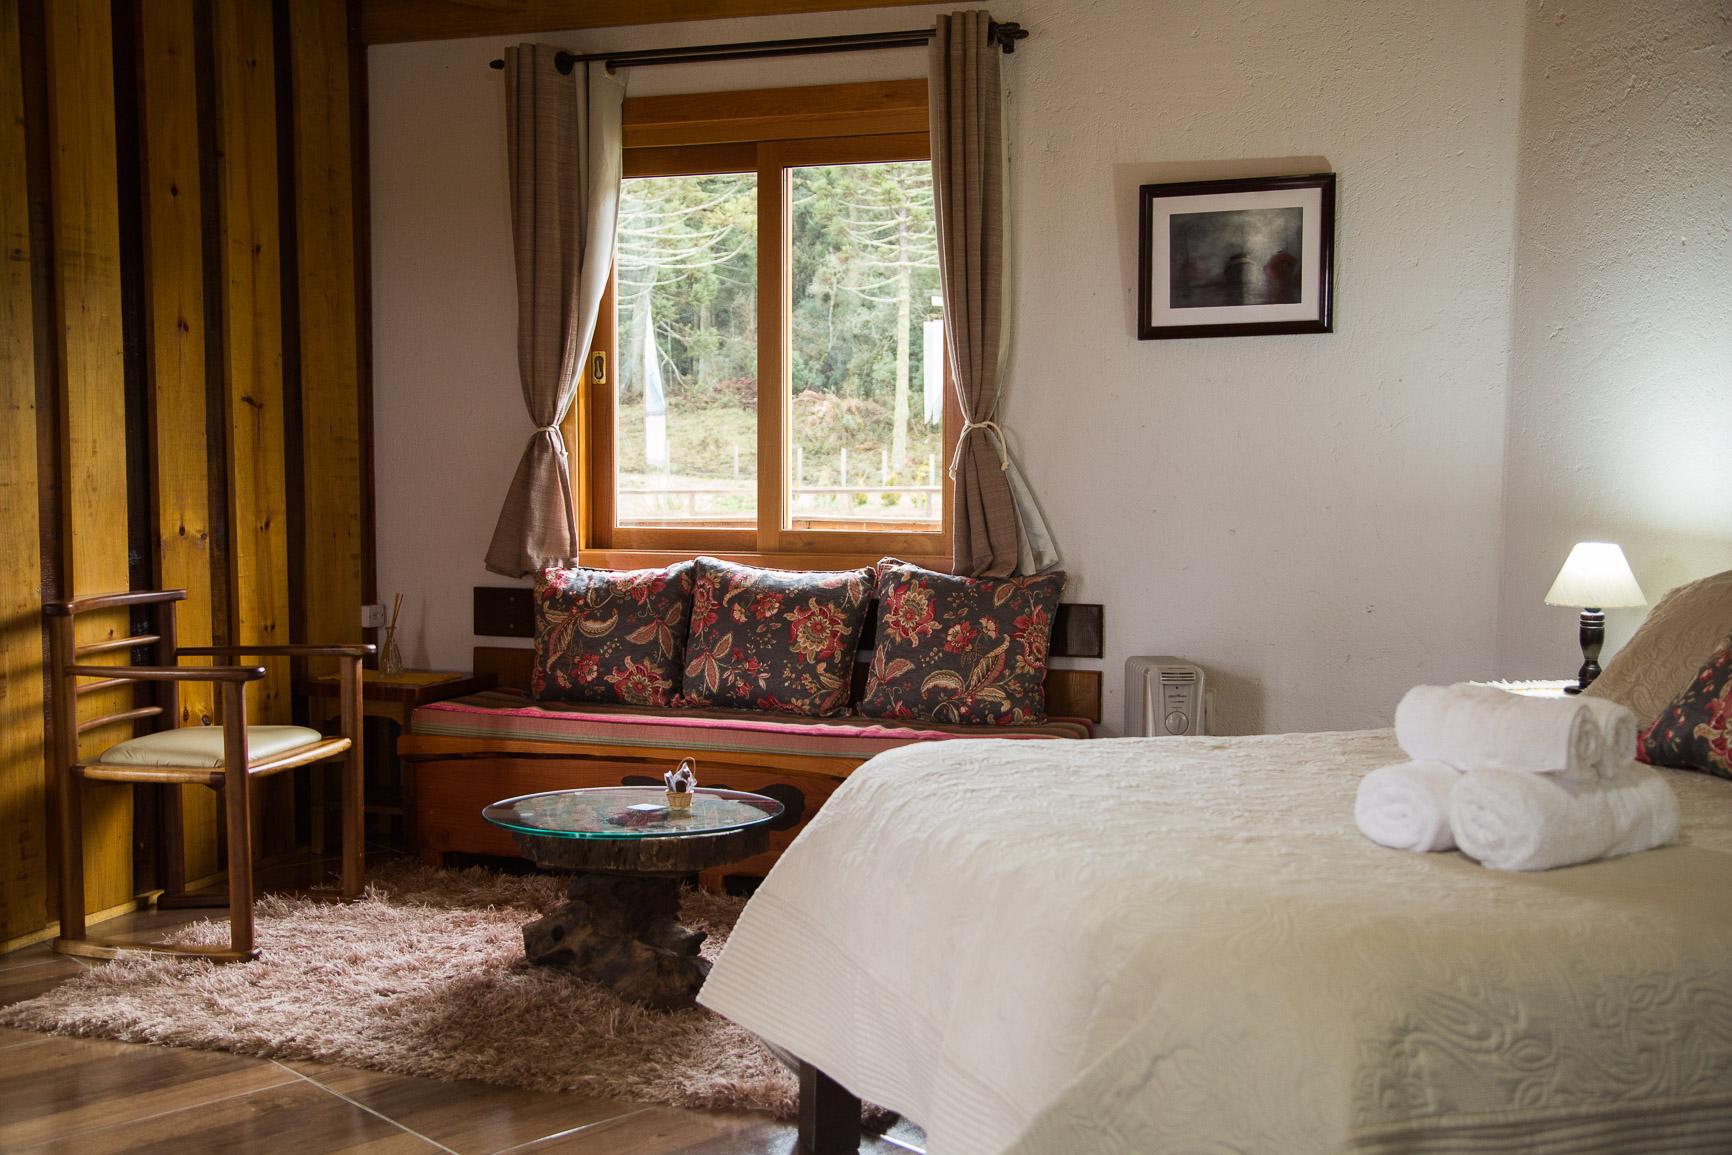 Cama de casal e sofa